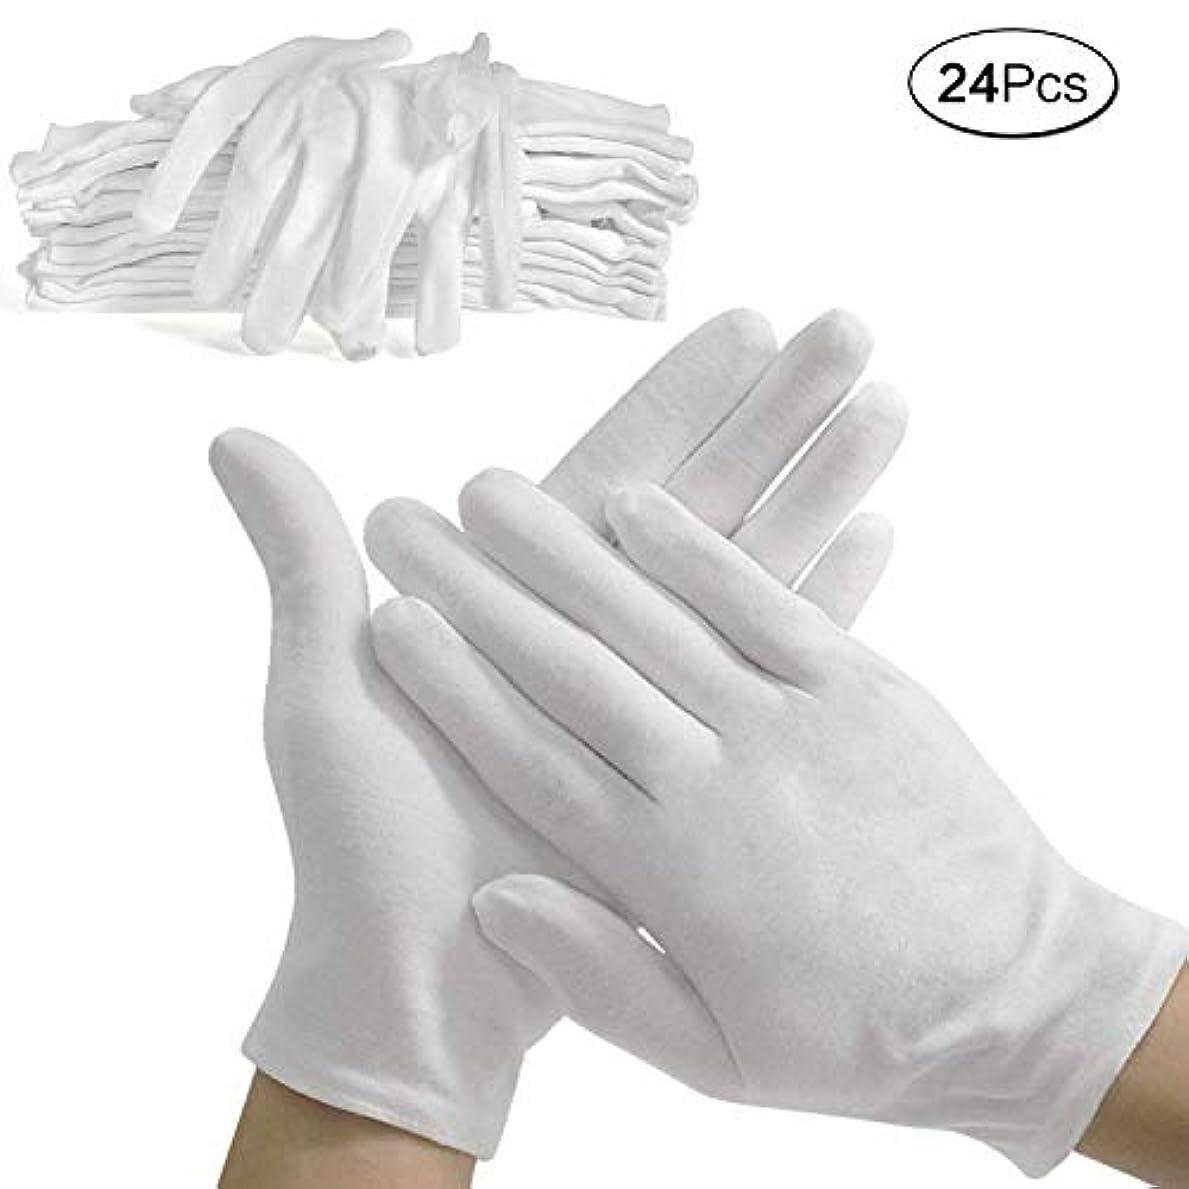 を除く数食事を調理する使い捨て手袋 綿手袋 コットン手袋 純綿100% 薄手 白手袋 メンズ レディース 手荒れ防止 おやすみ 湿疹用 乾燥肌用 保湿用 礼装用 作業用 24PCS(白, L)